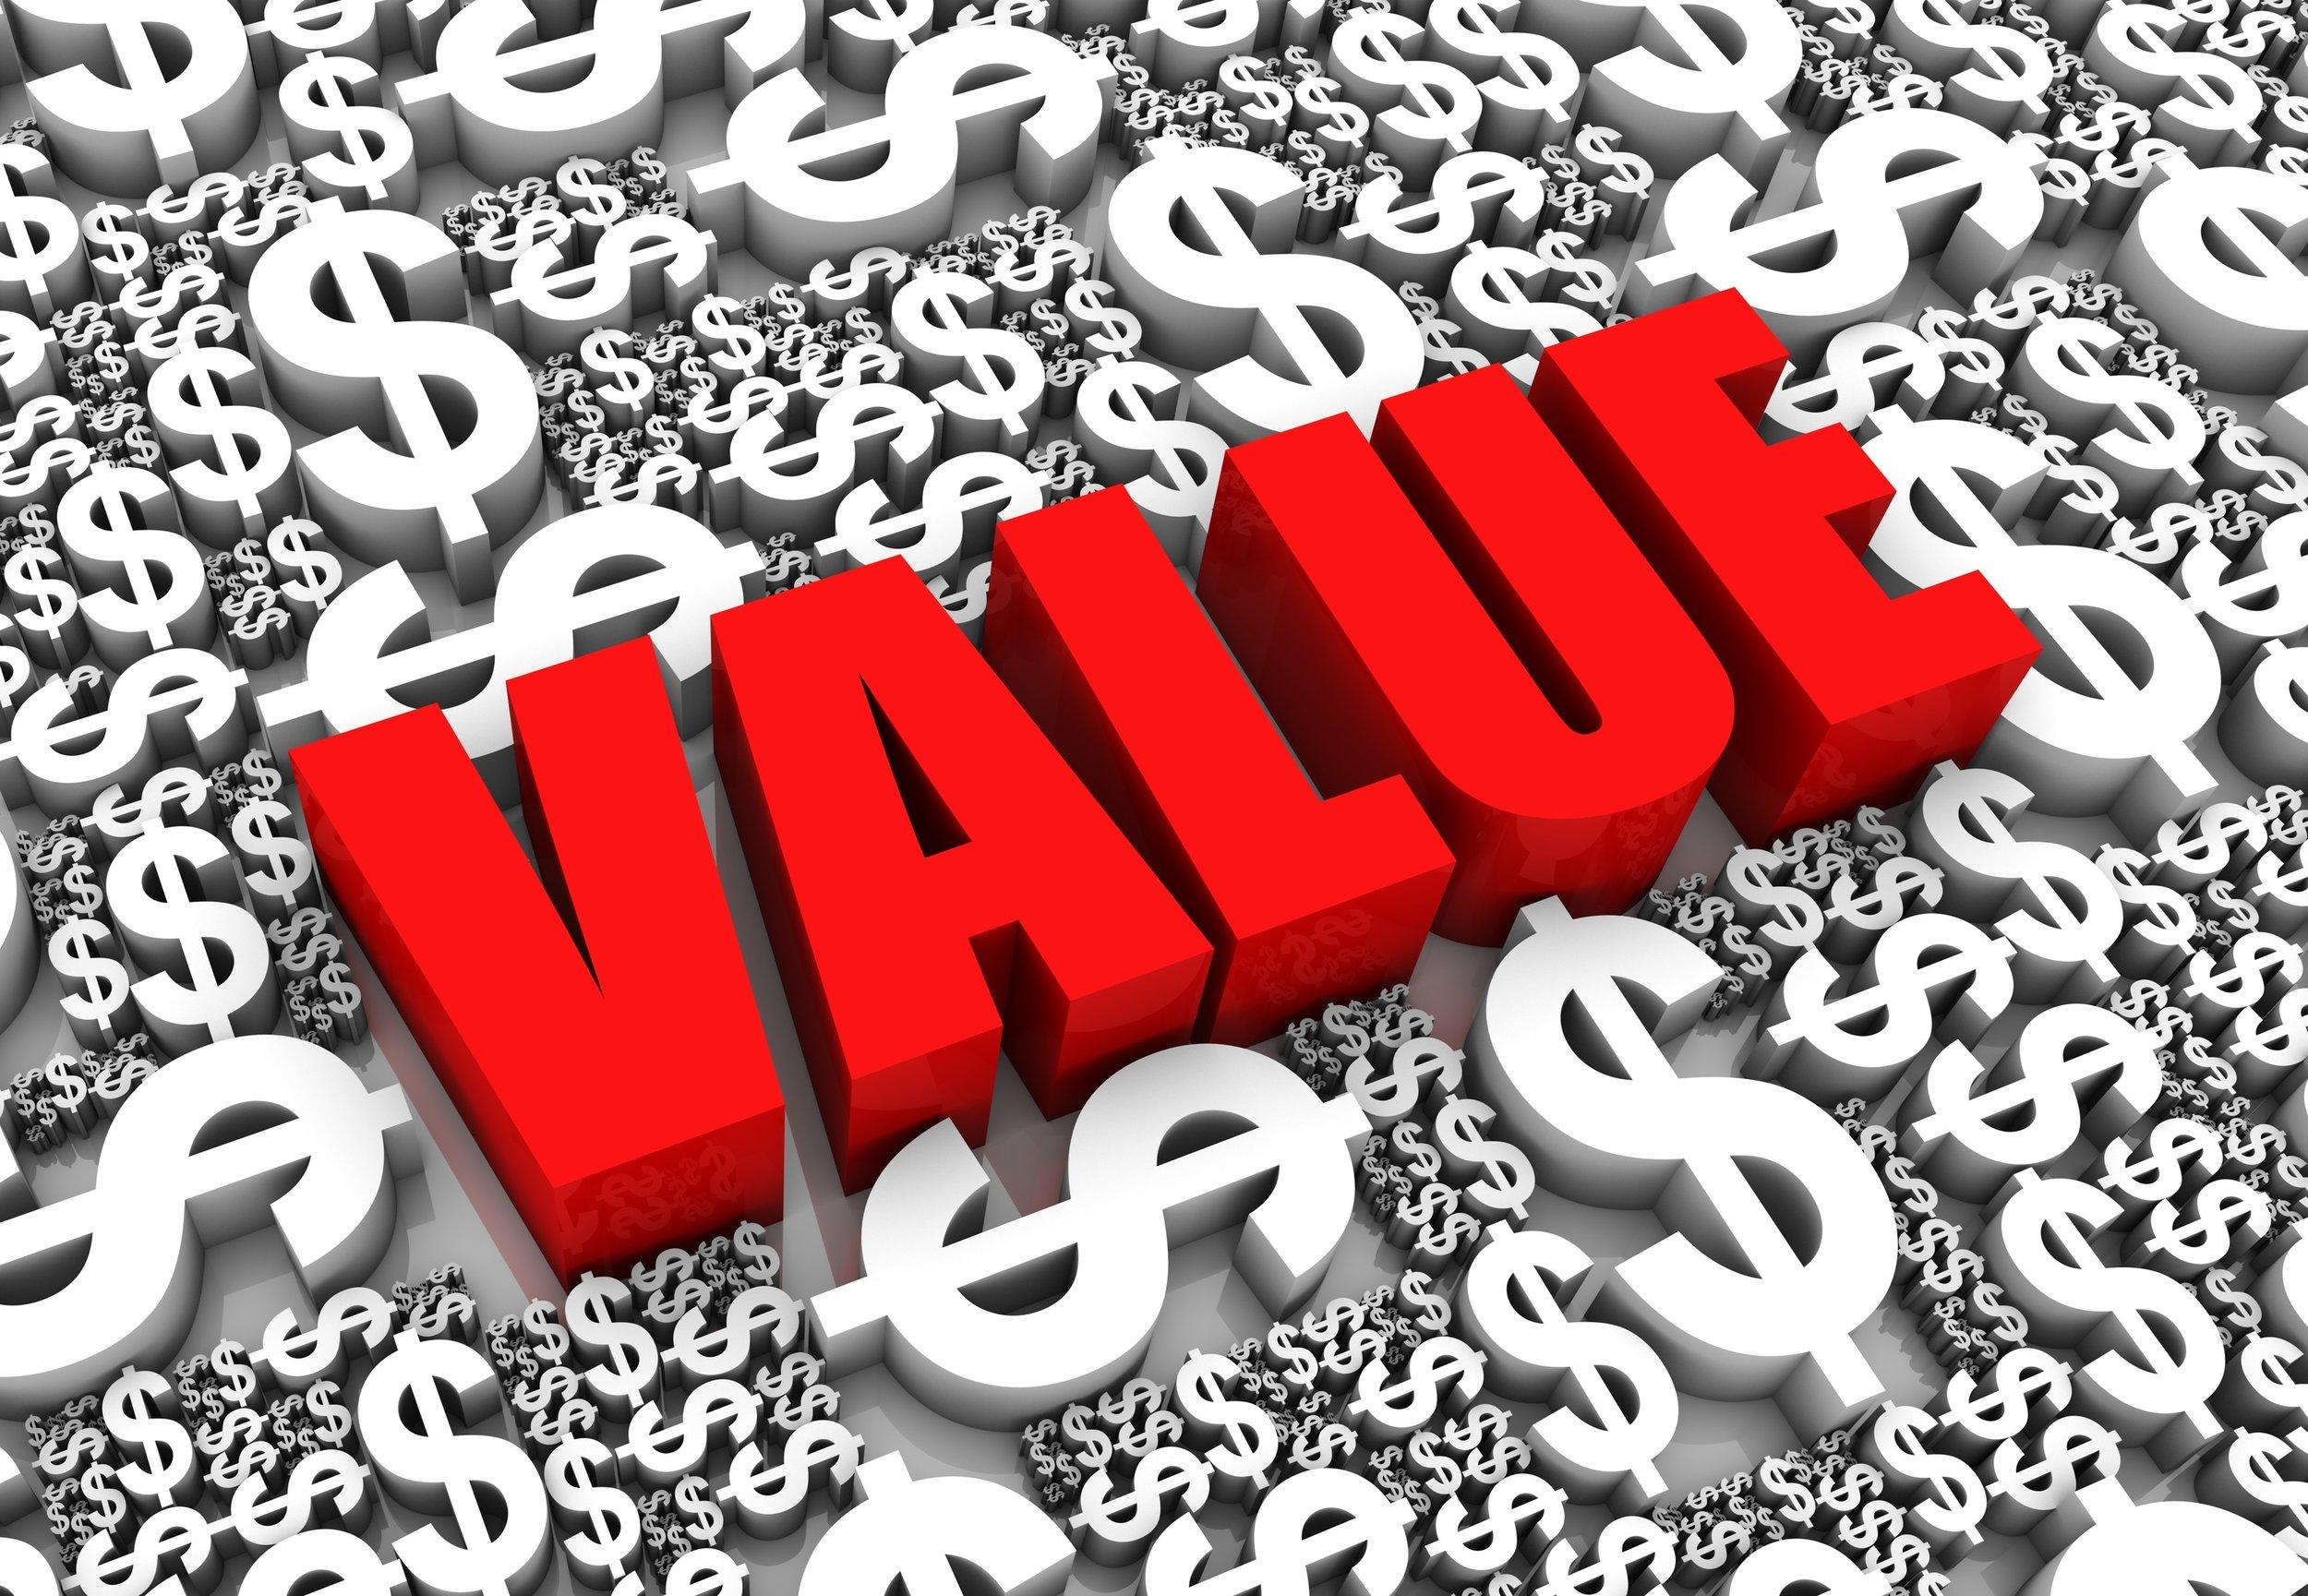 Bringing Back Value